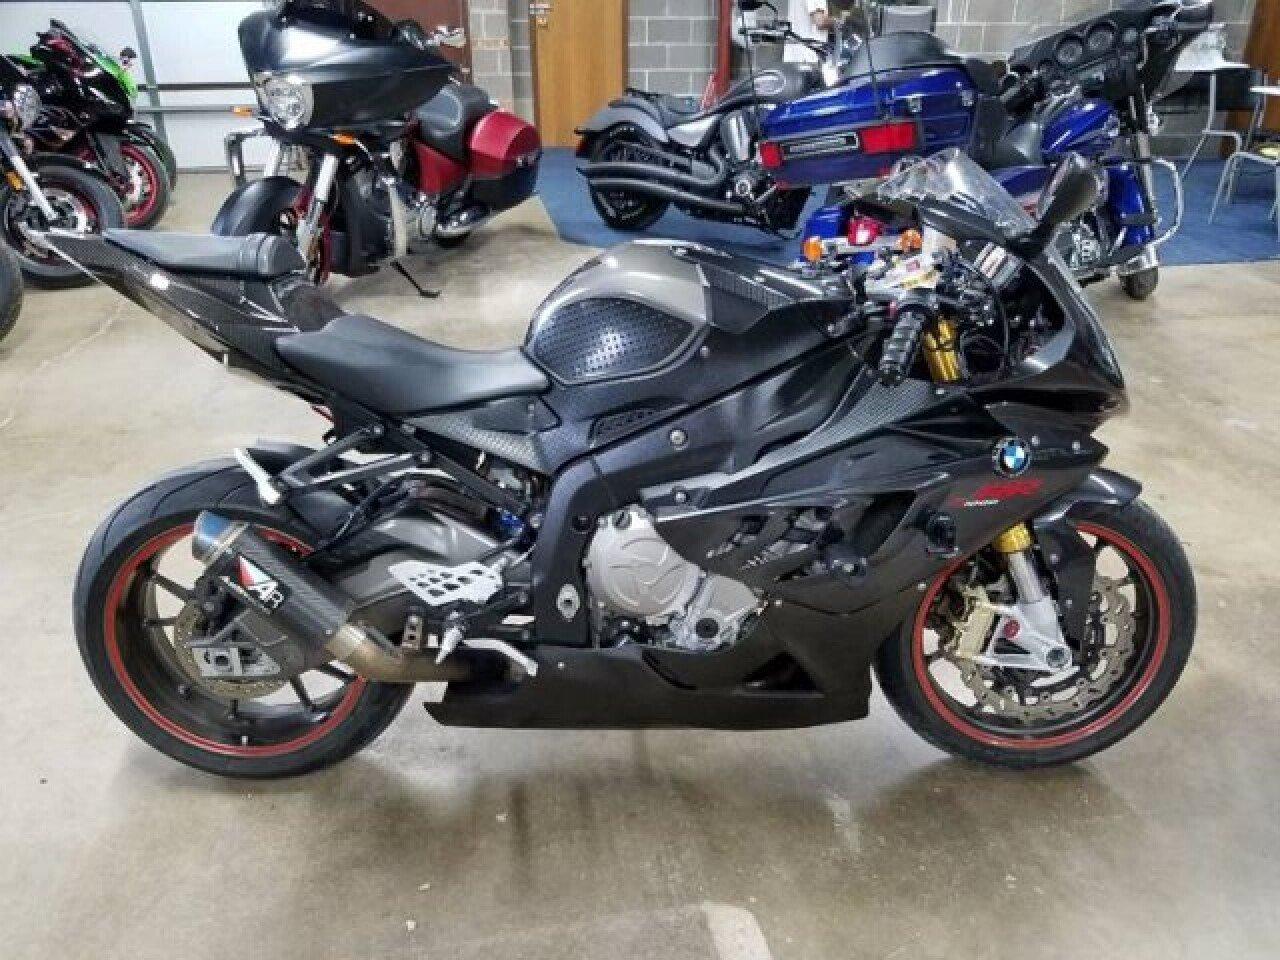 Bmw S1000rr For Sale >> 2011 Bmw S1000rr For Sale Near Villa Park Illinois 60181